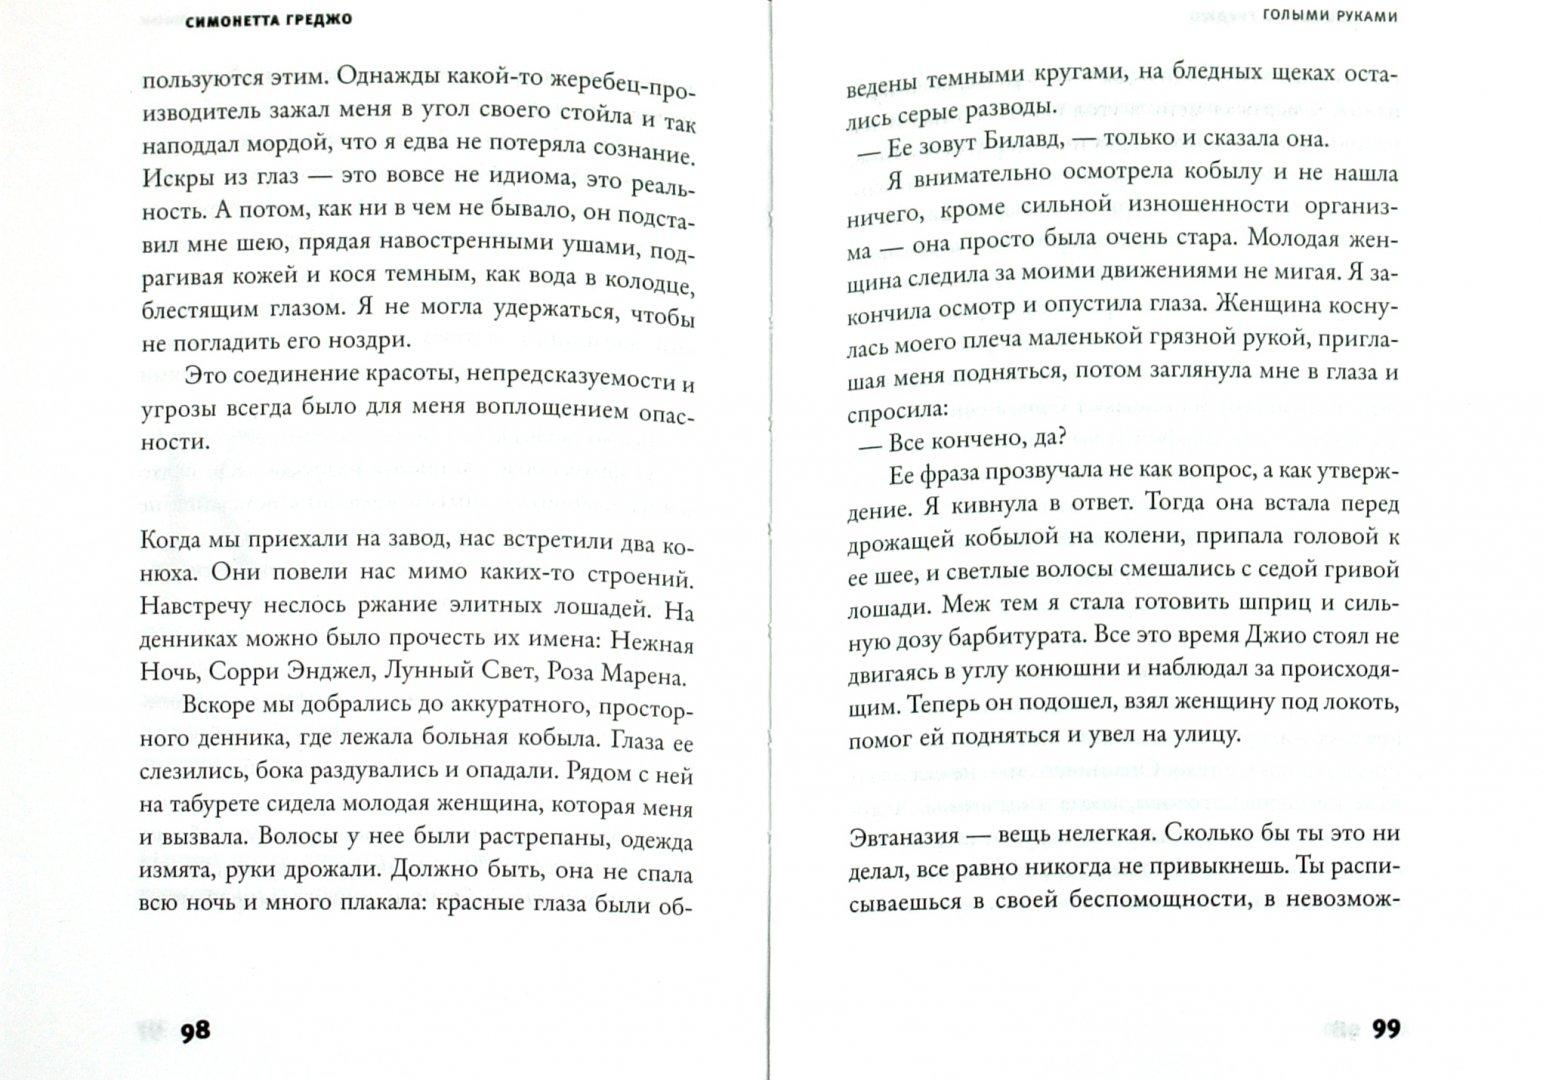 Иллюстрация 1 из 6 для Голыми руками - Симонетта Греджо | Лабиринт - книги. Источник: Лабиринт